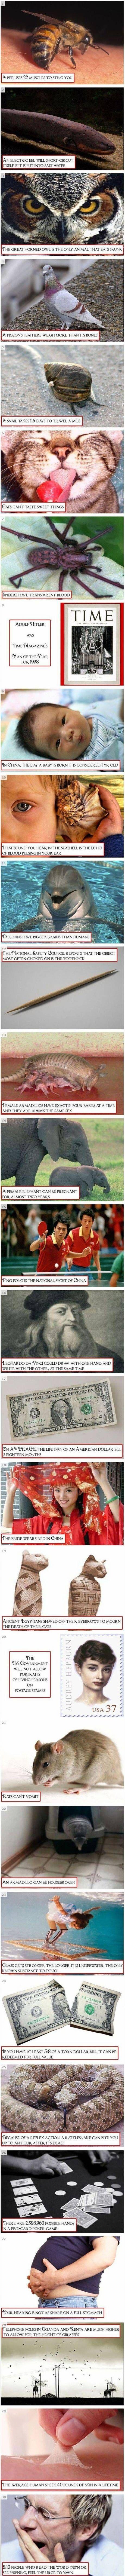 Hahahhaha so interesting.